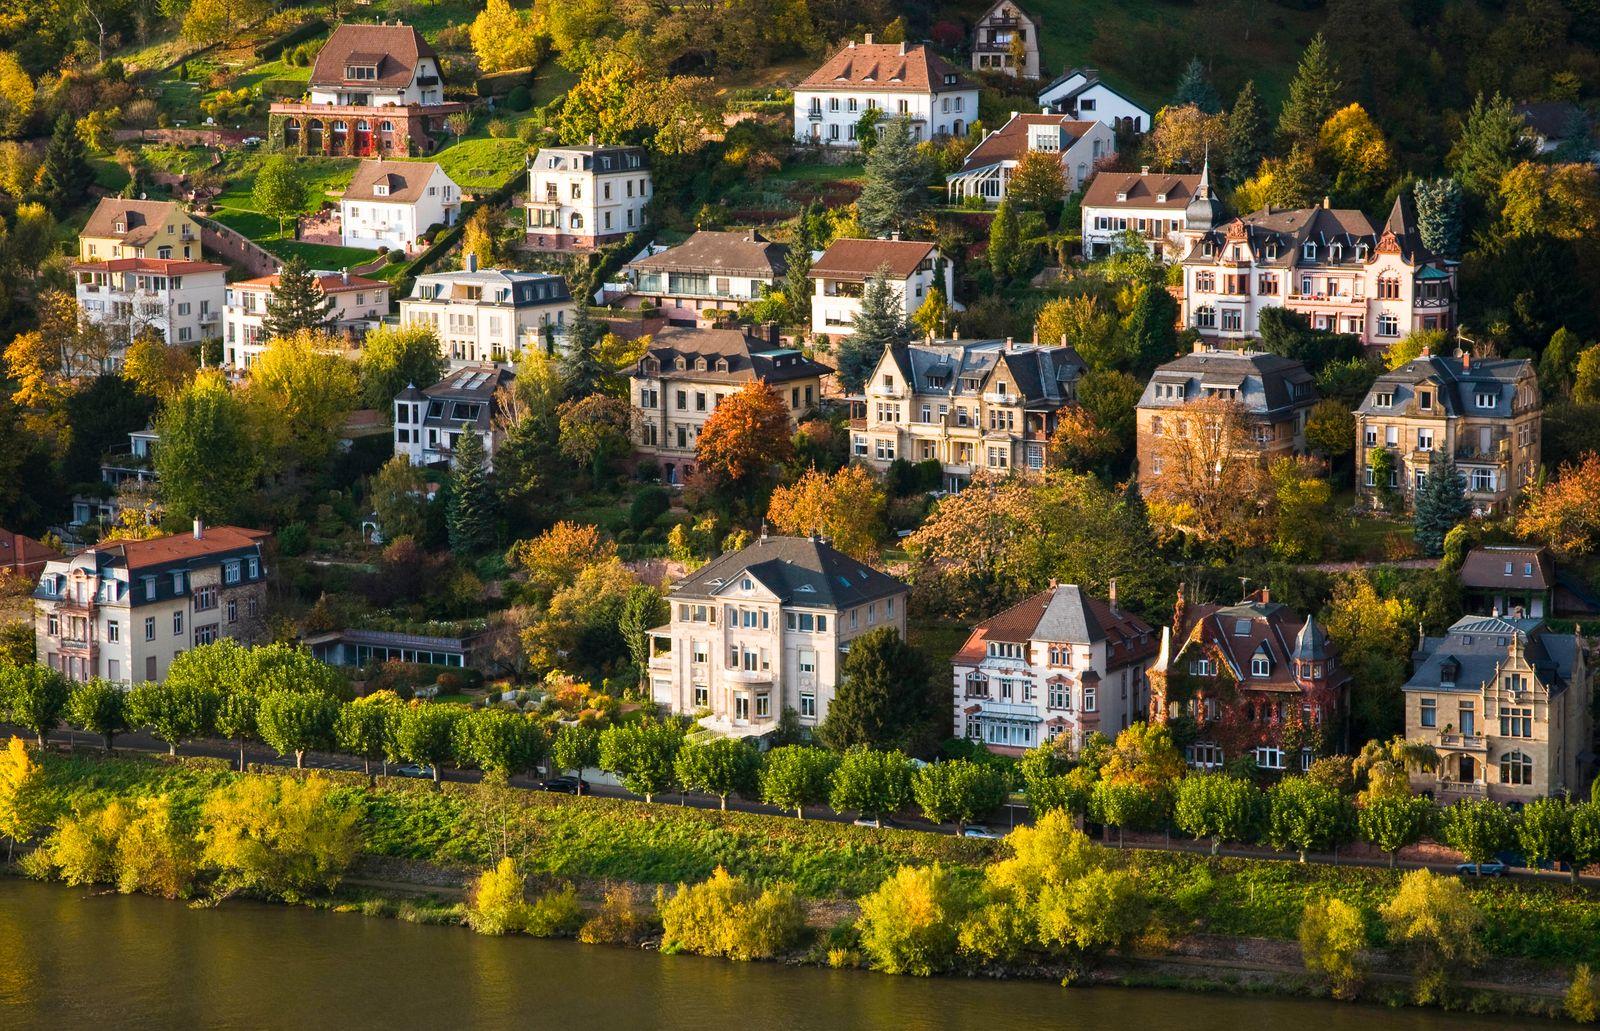 Germany, Baden-Wurttemberg, Heidelberg, Villas on bank of Neckar river WDF06428